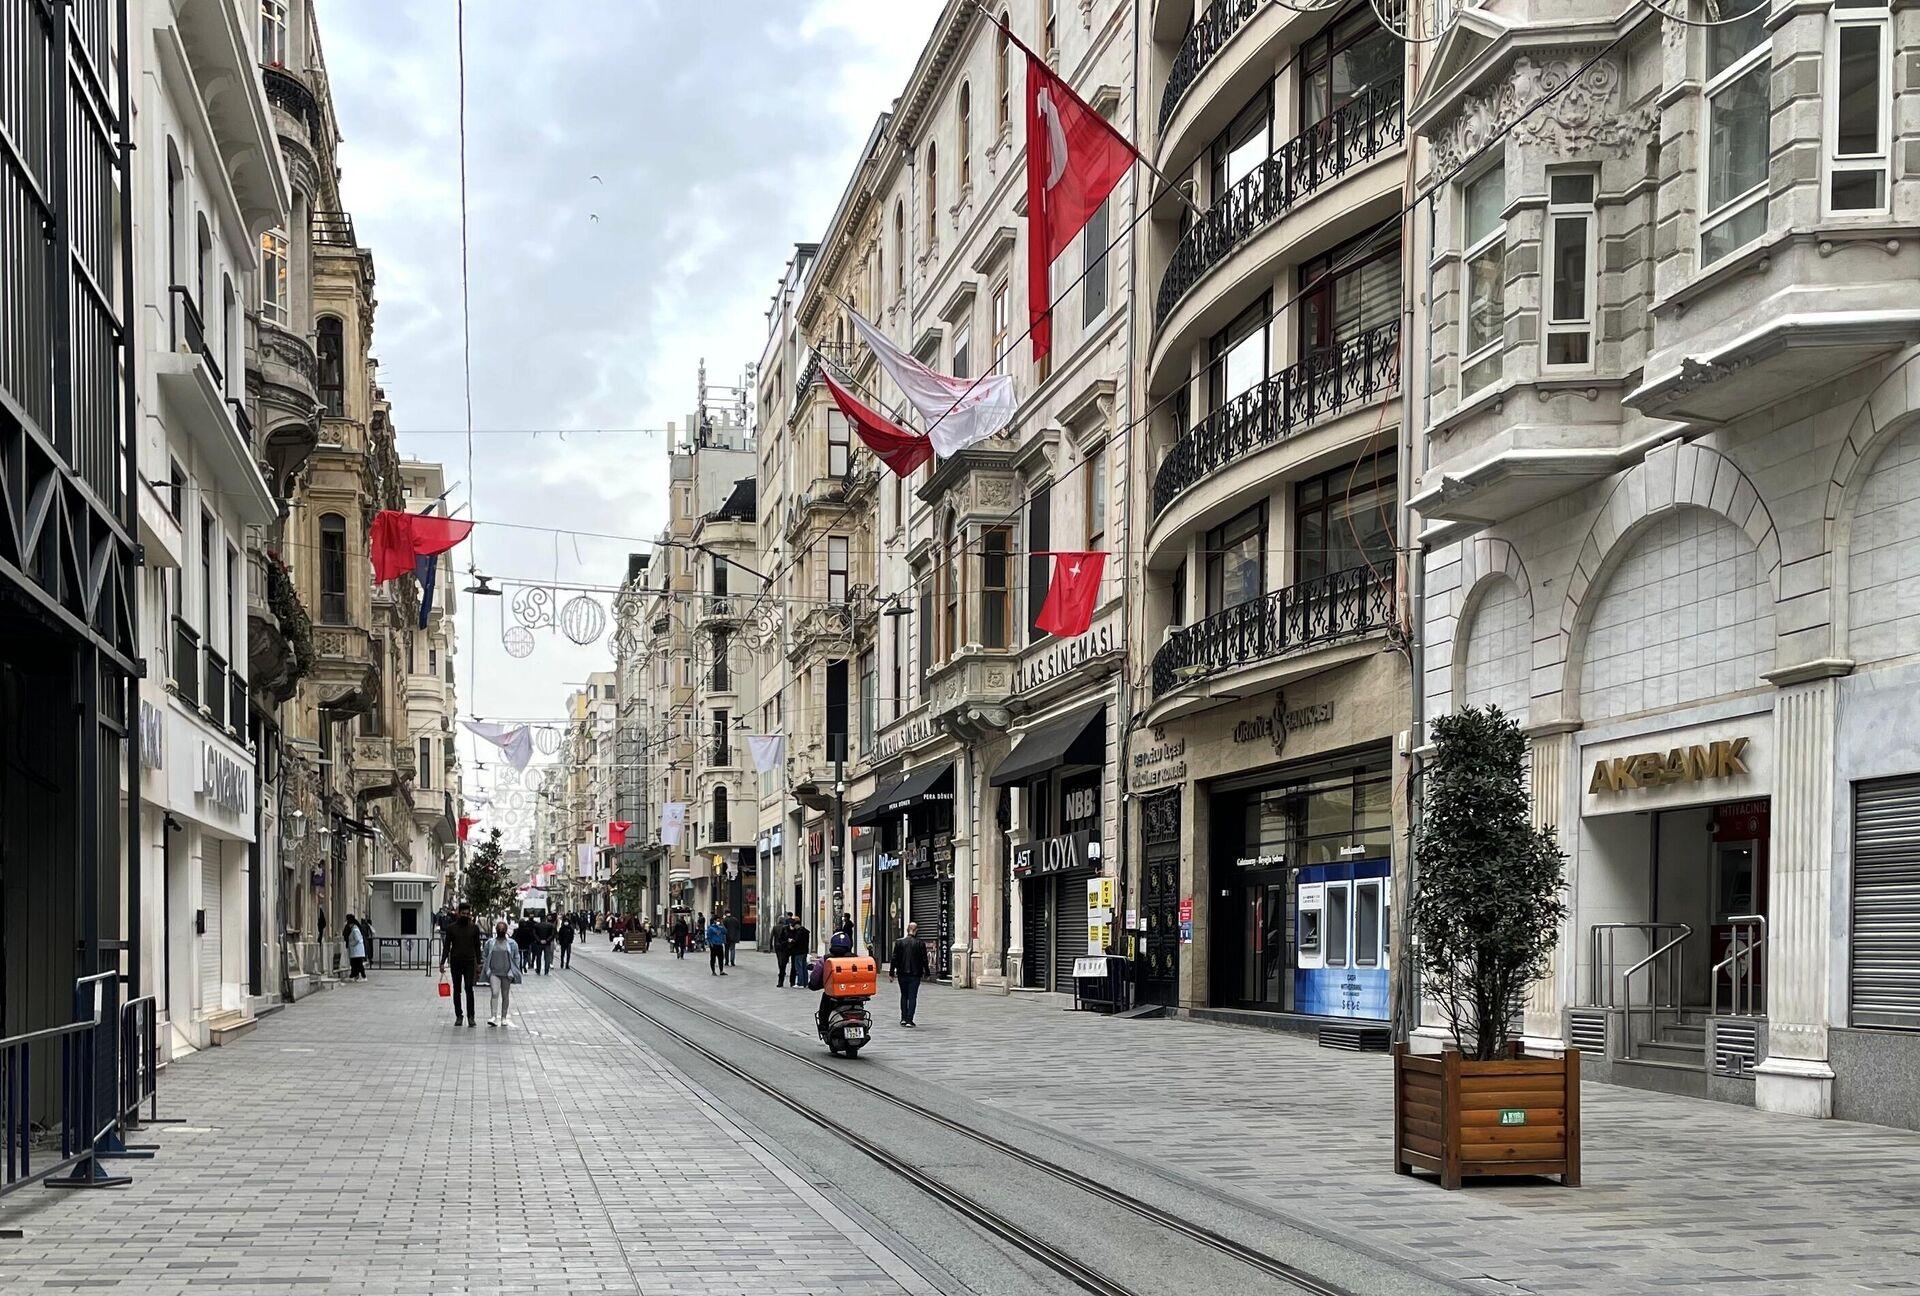 Люди на одной из улиц в Стамбуле - РИА Новости, 1920, 28.04.2021